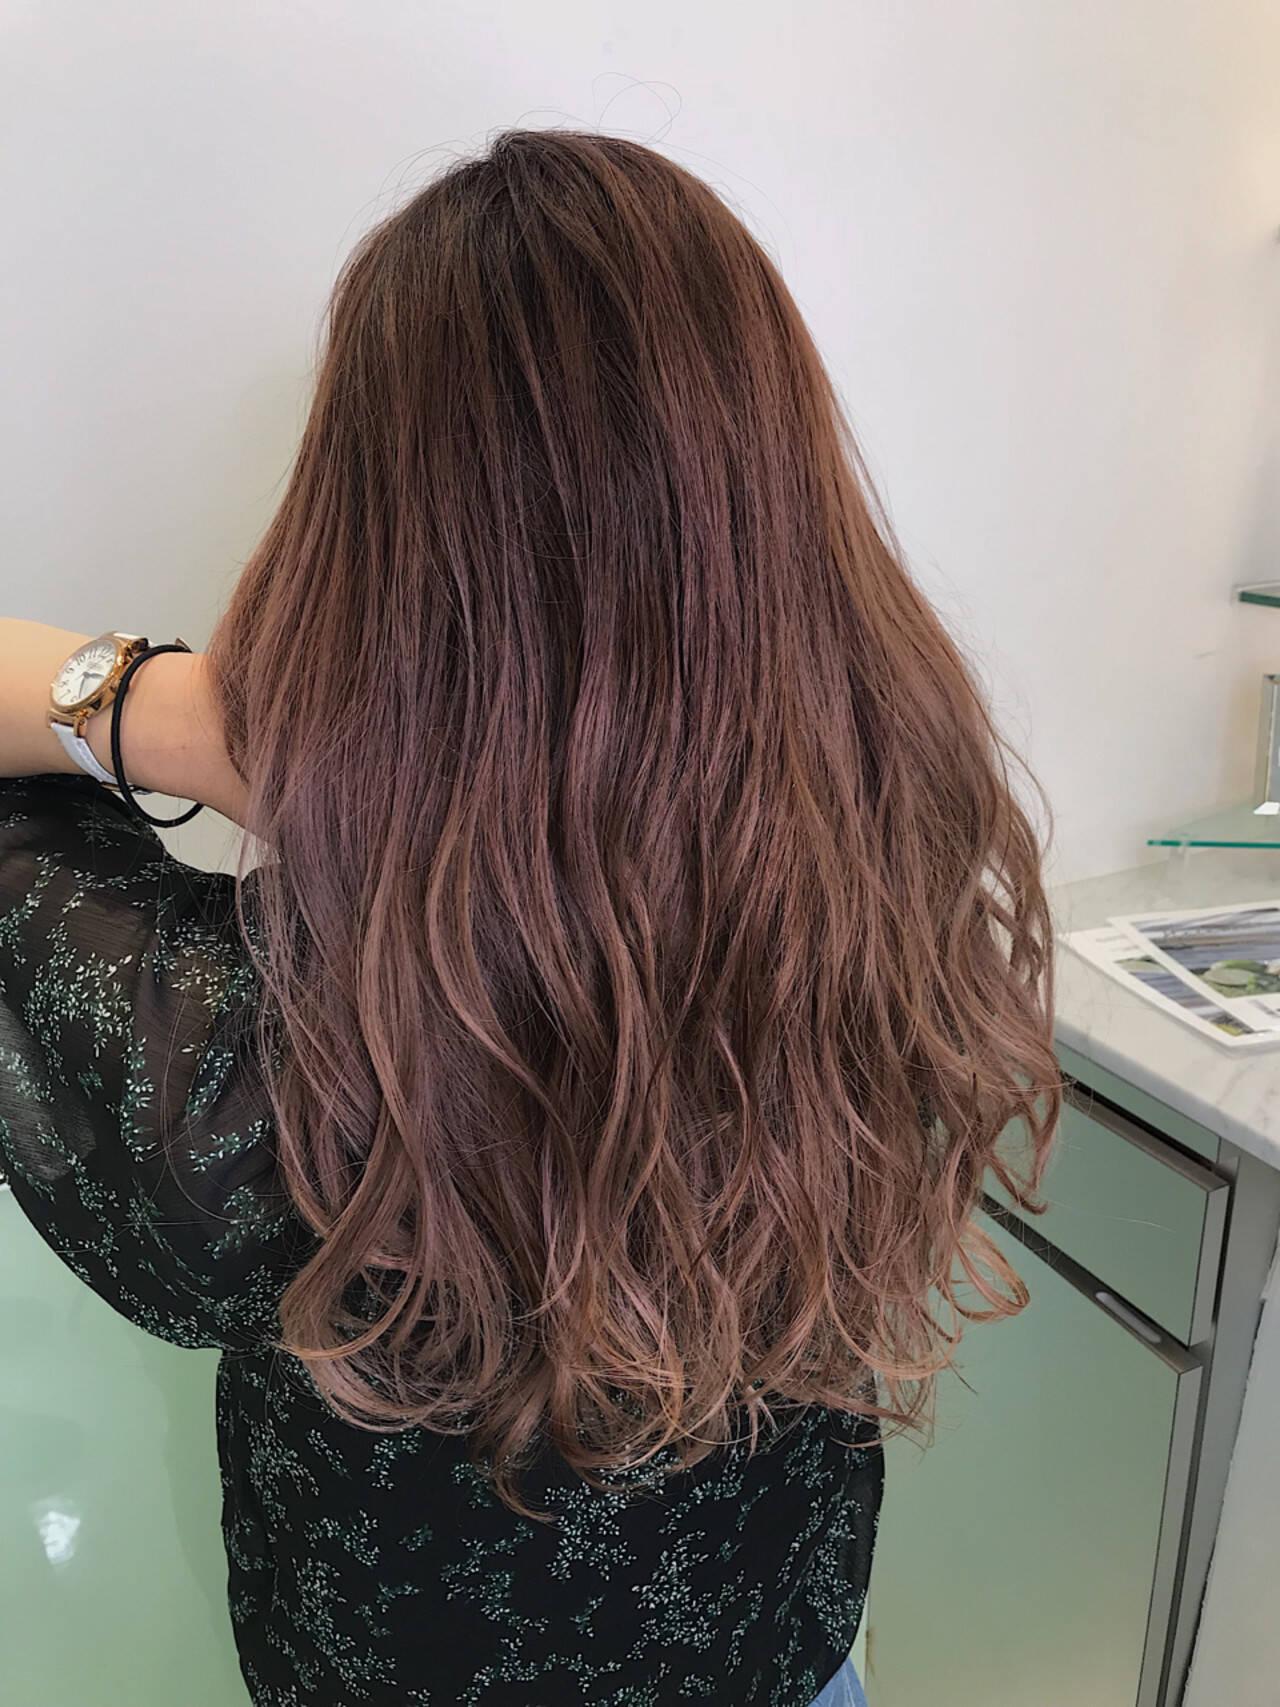 ピンク グラデーションカラー フェミニン ハイライトヘアスタイルや髪型の写真・画像